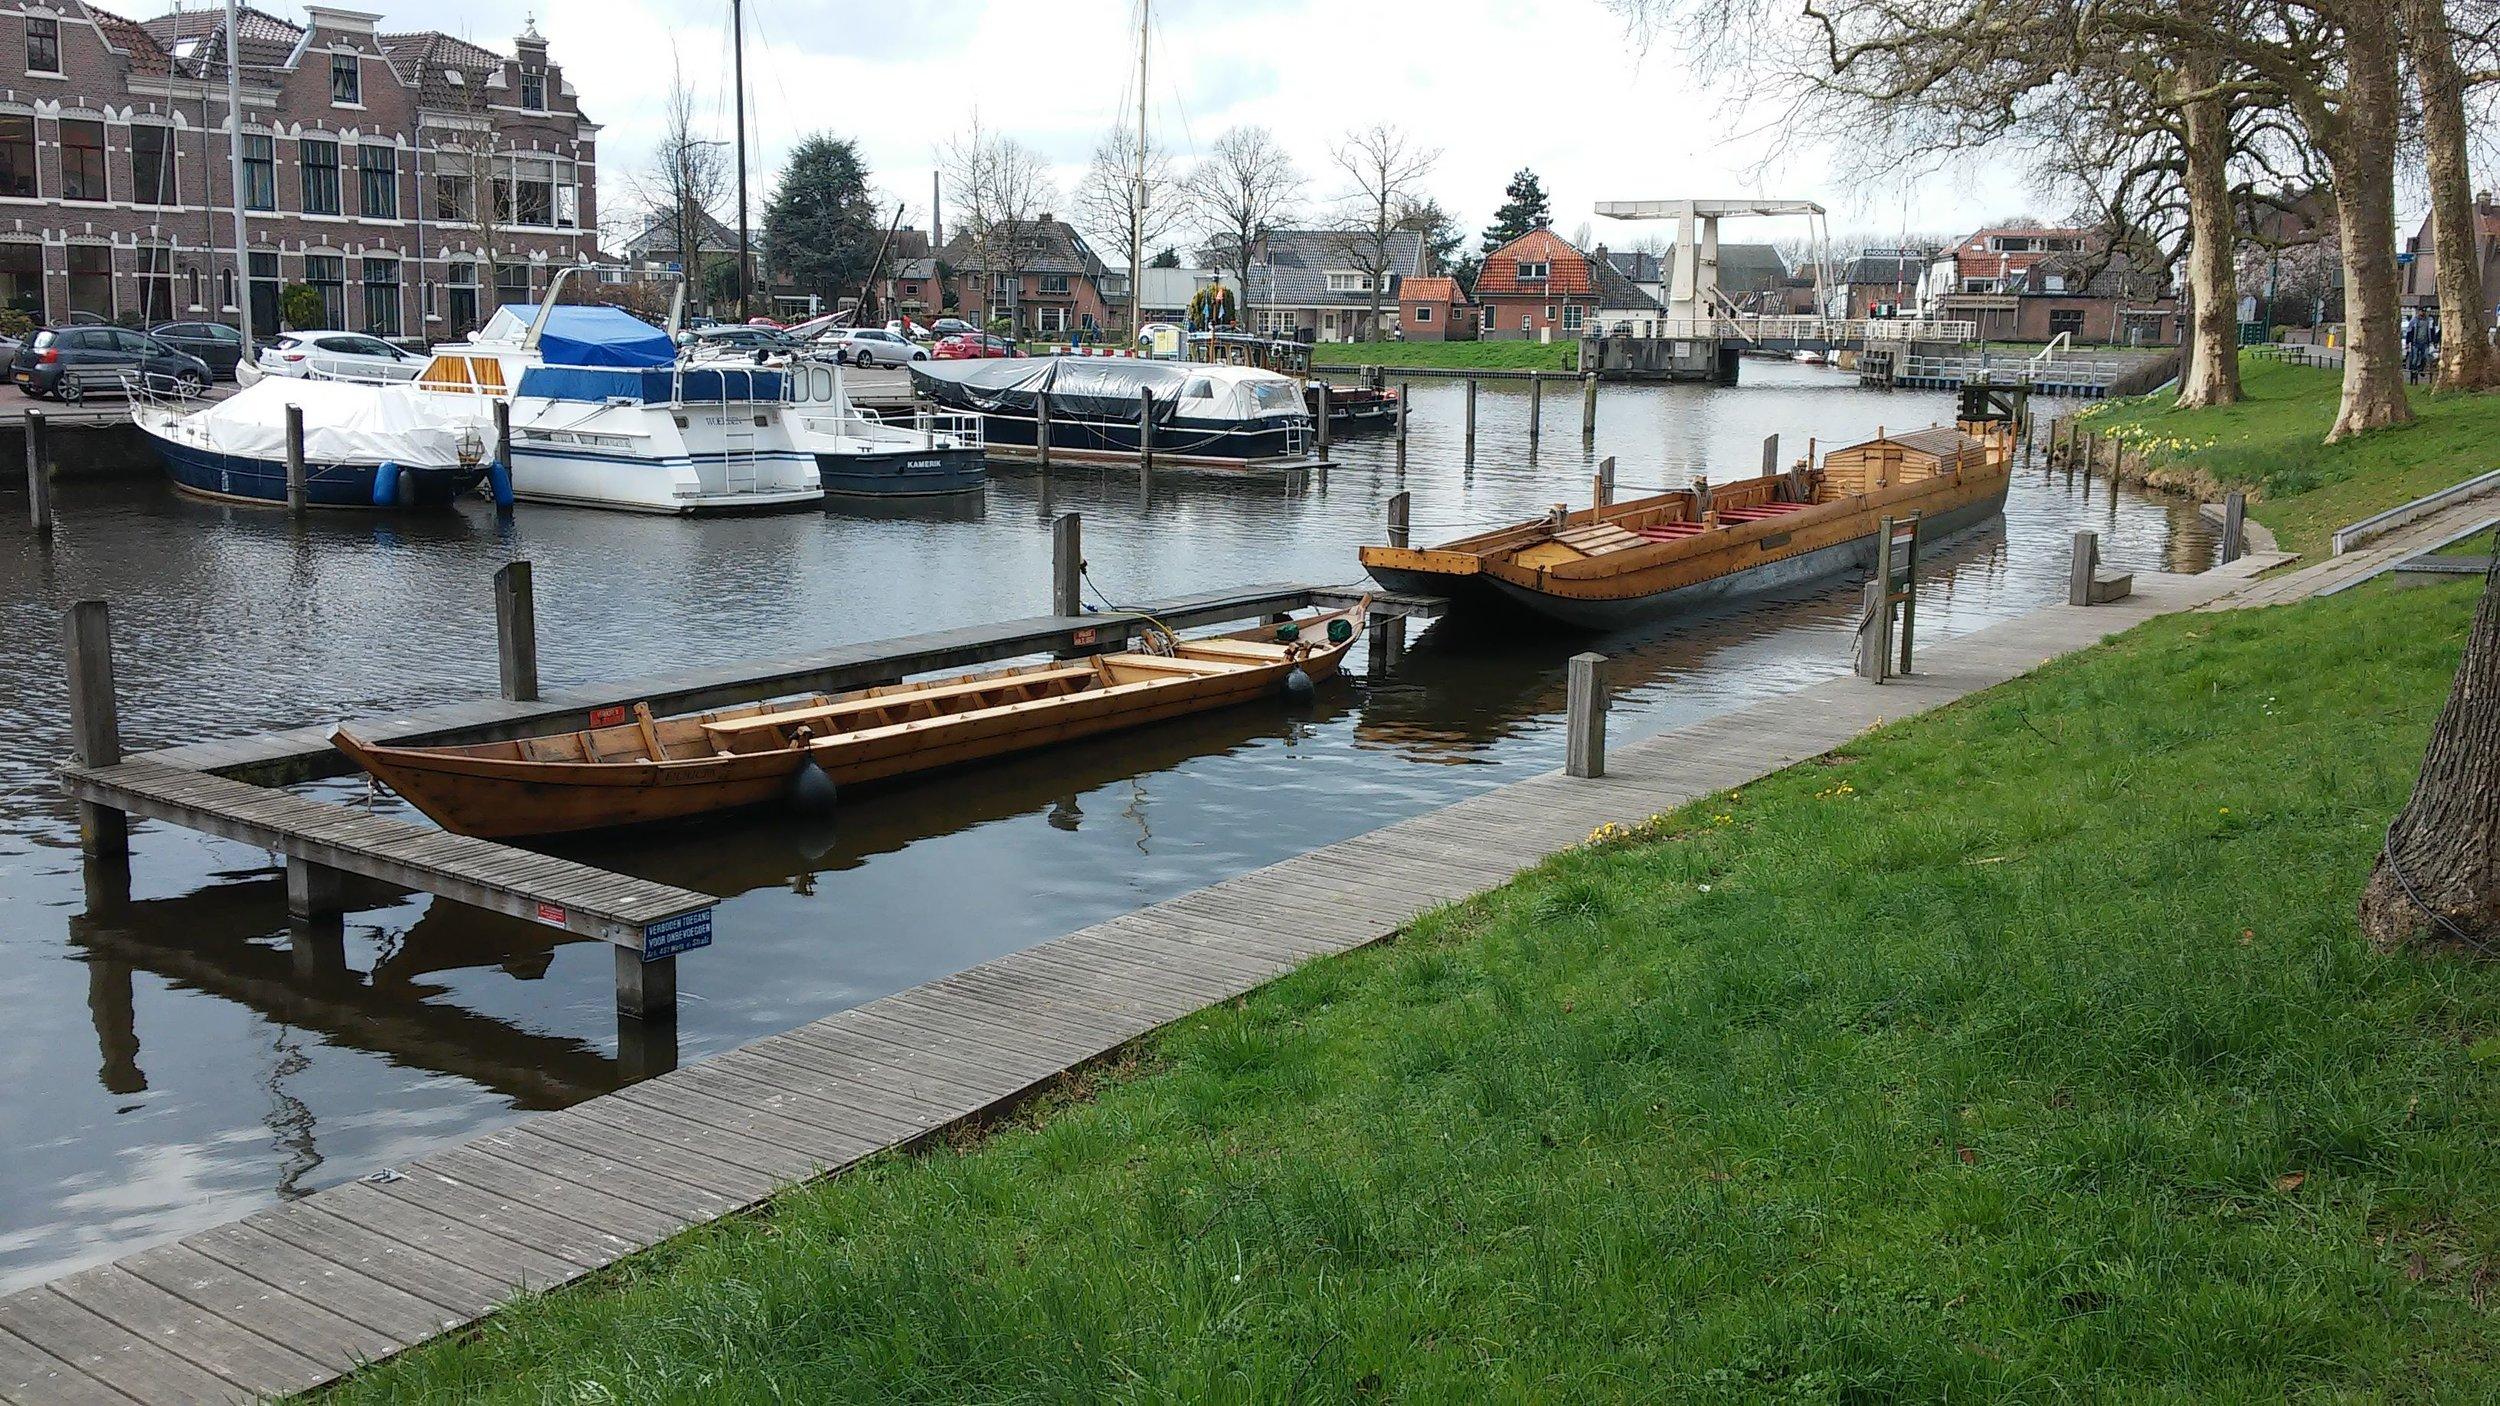 2018: schepen in de haven van Woerden, foto: Henk Vlot